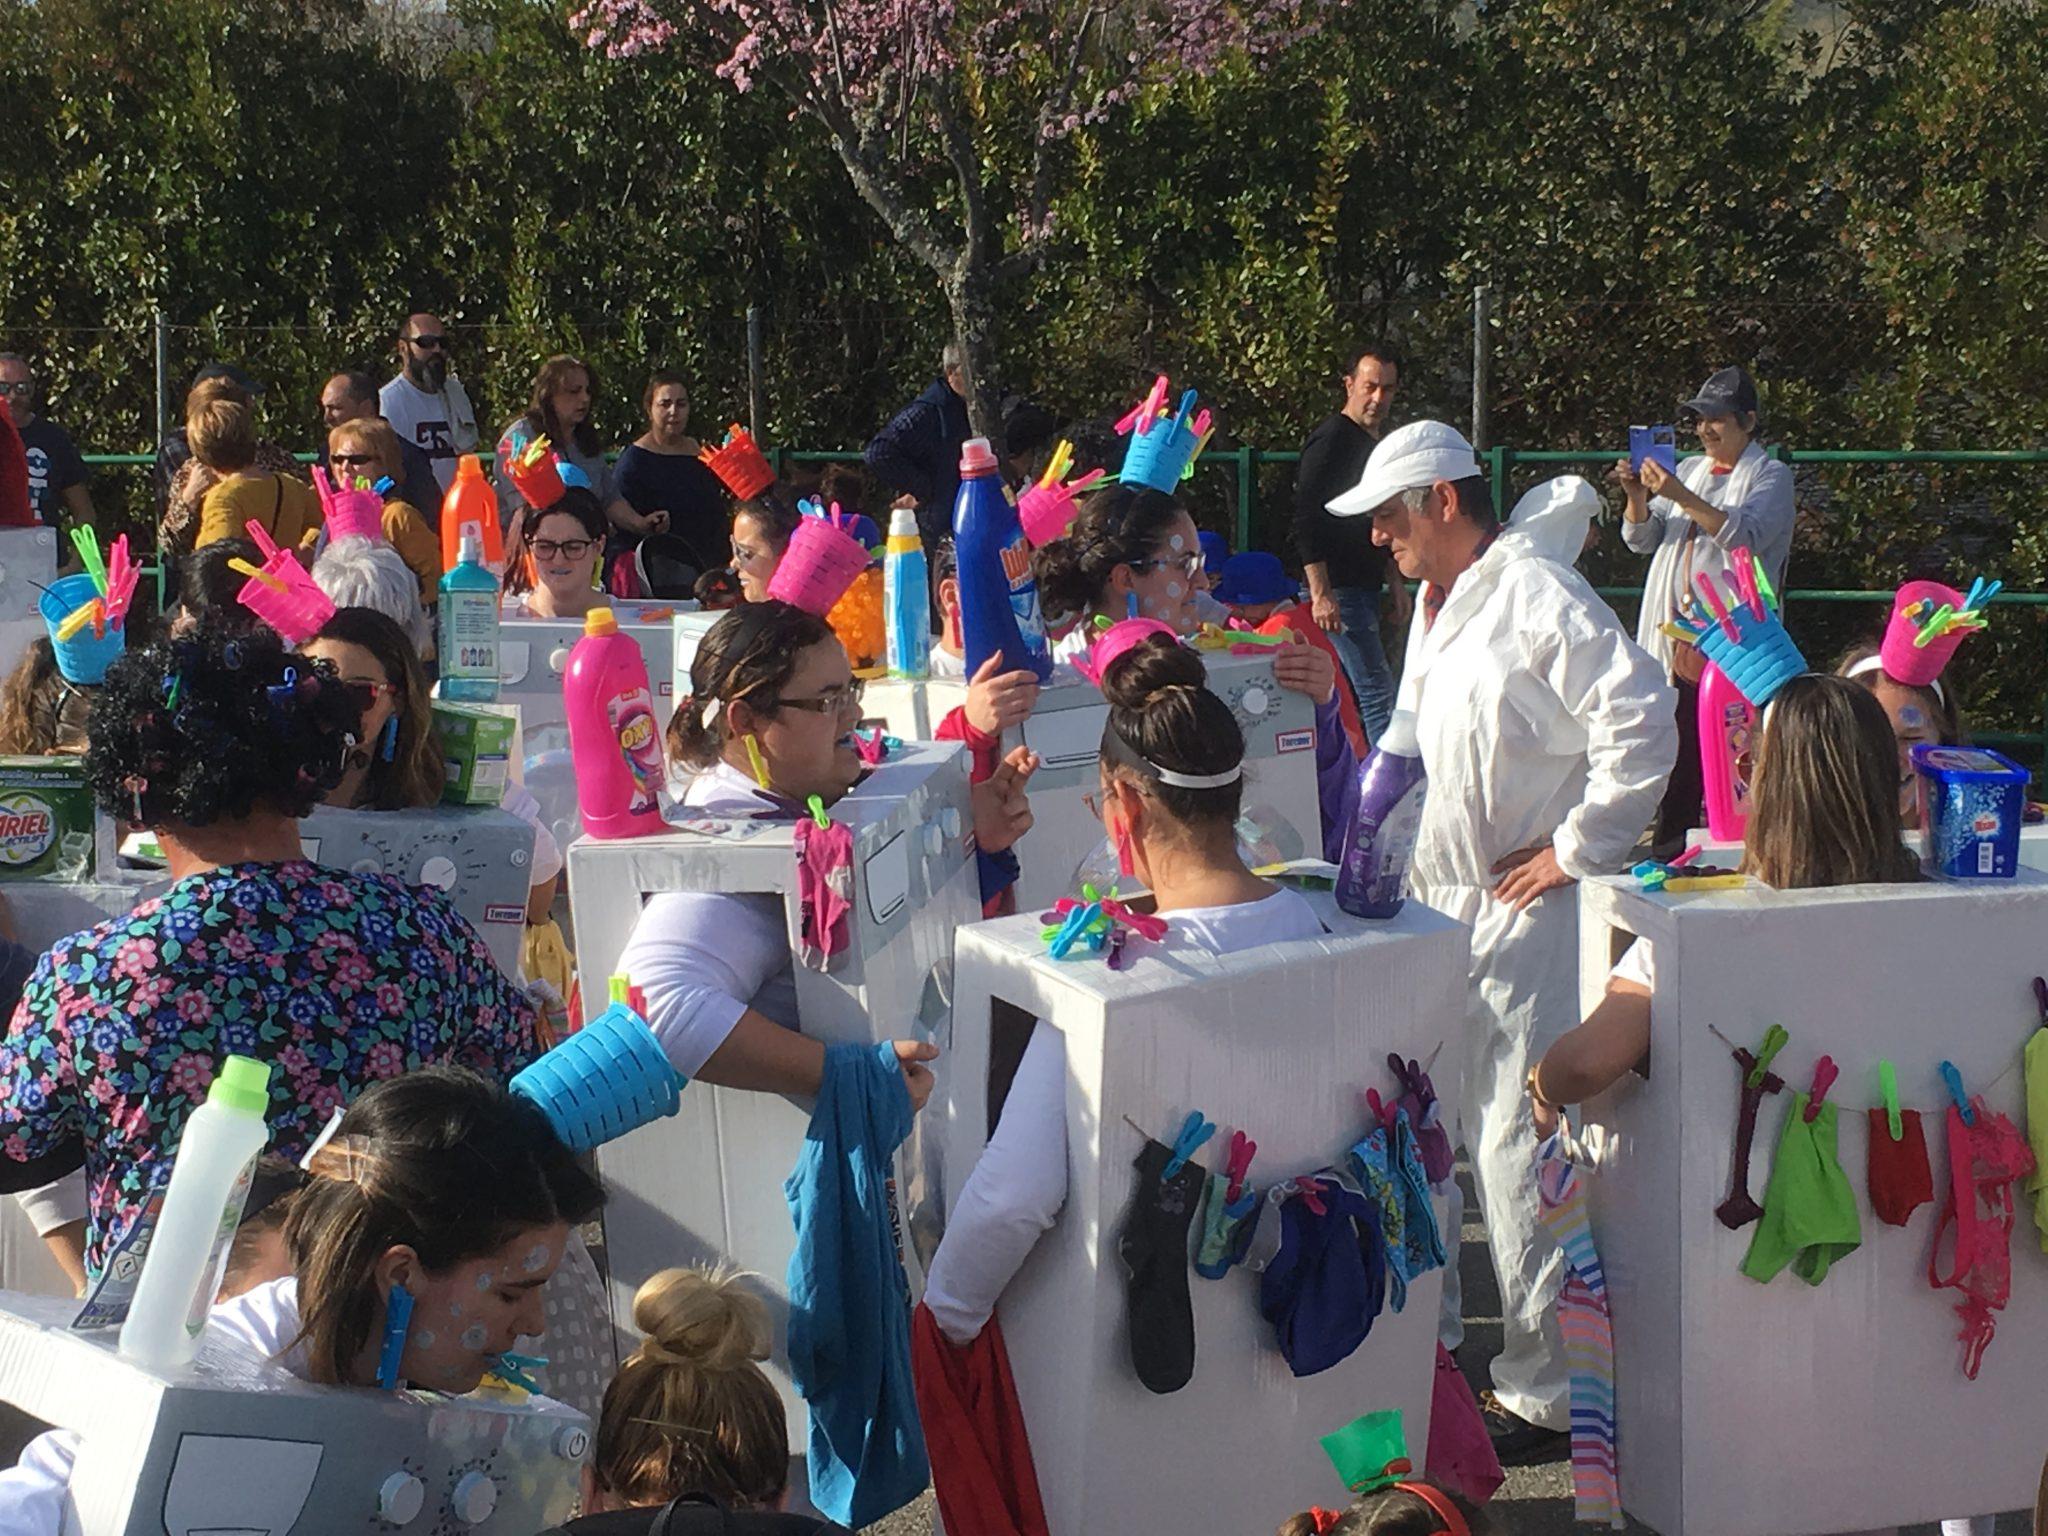 Desfile de Carnaval Cubillos del Sil 2019 - Álbum de fotos 55